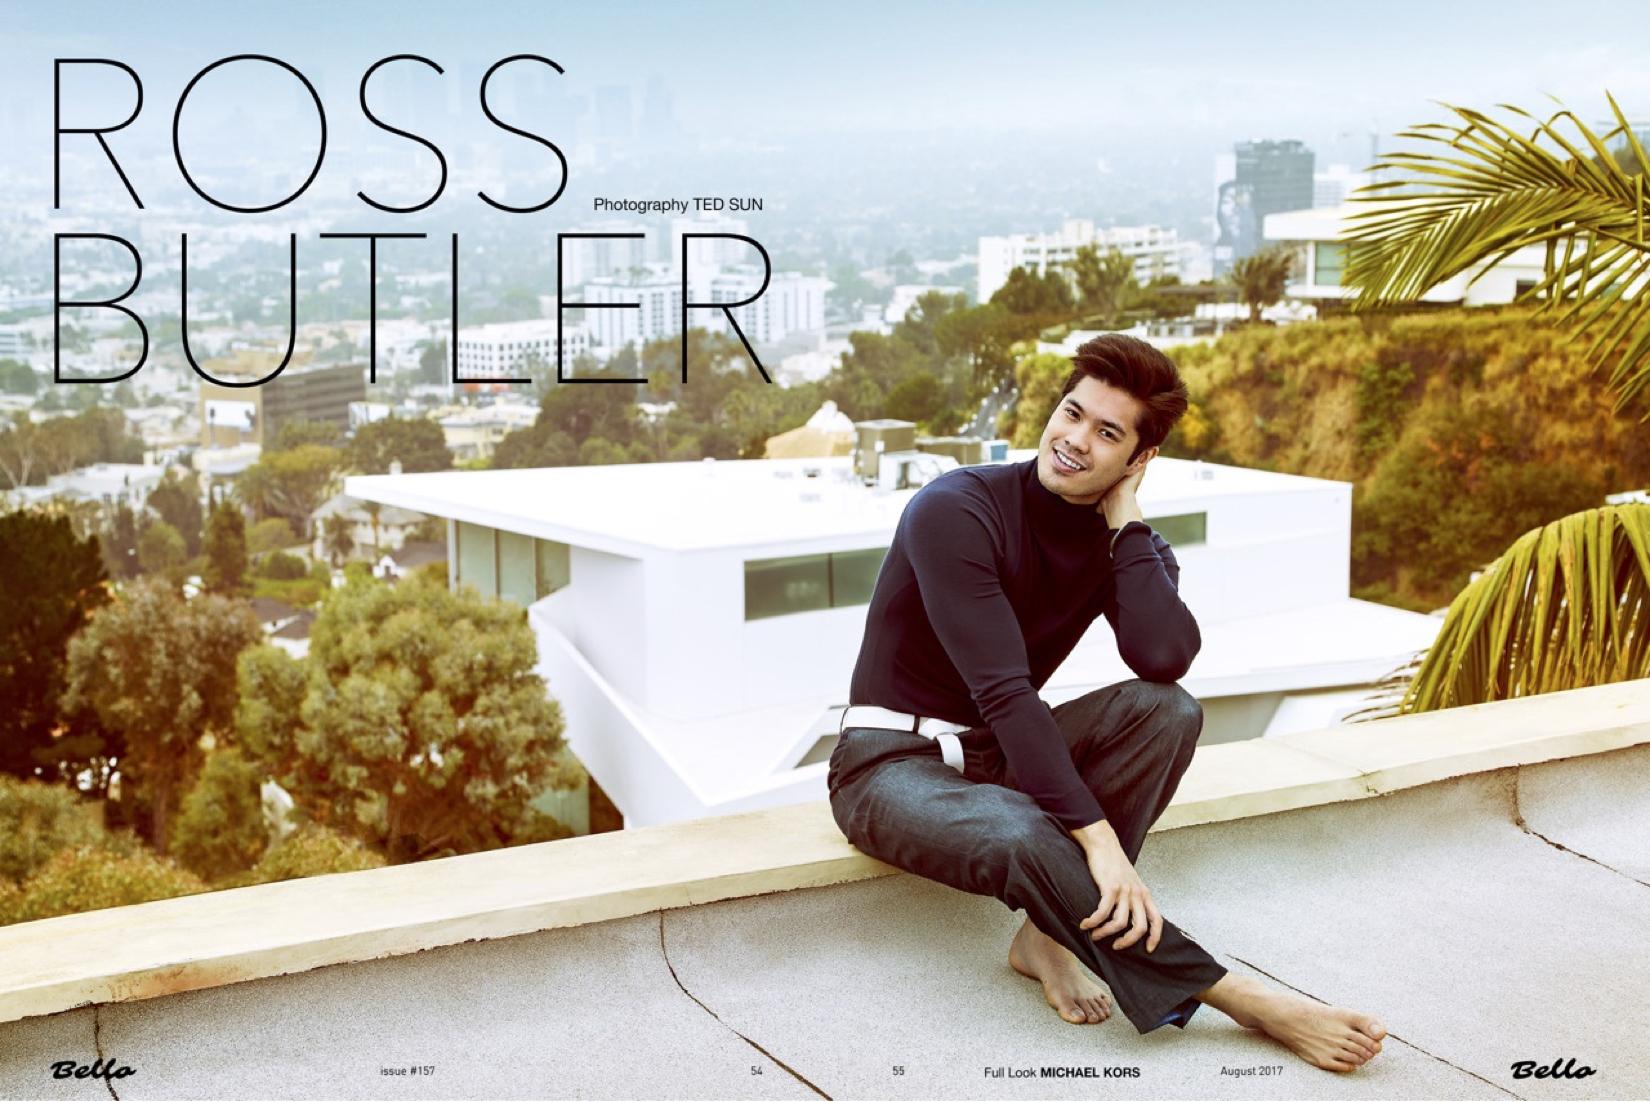 Ross Butler Bello Magazine Cover Story